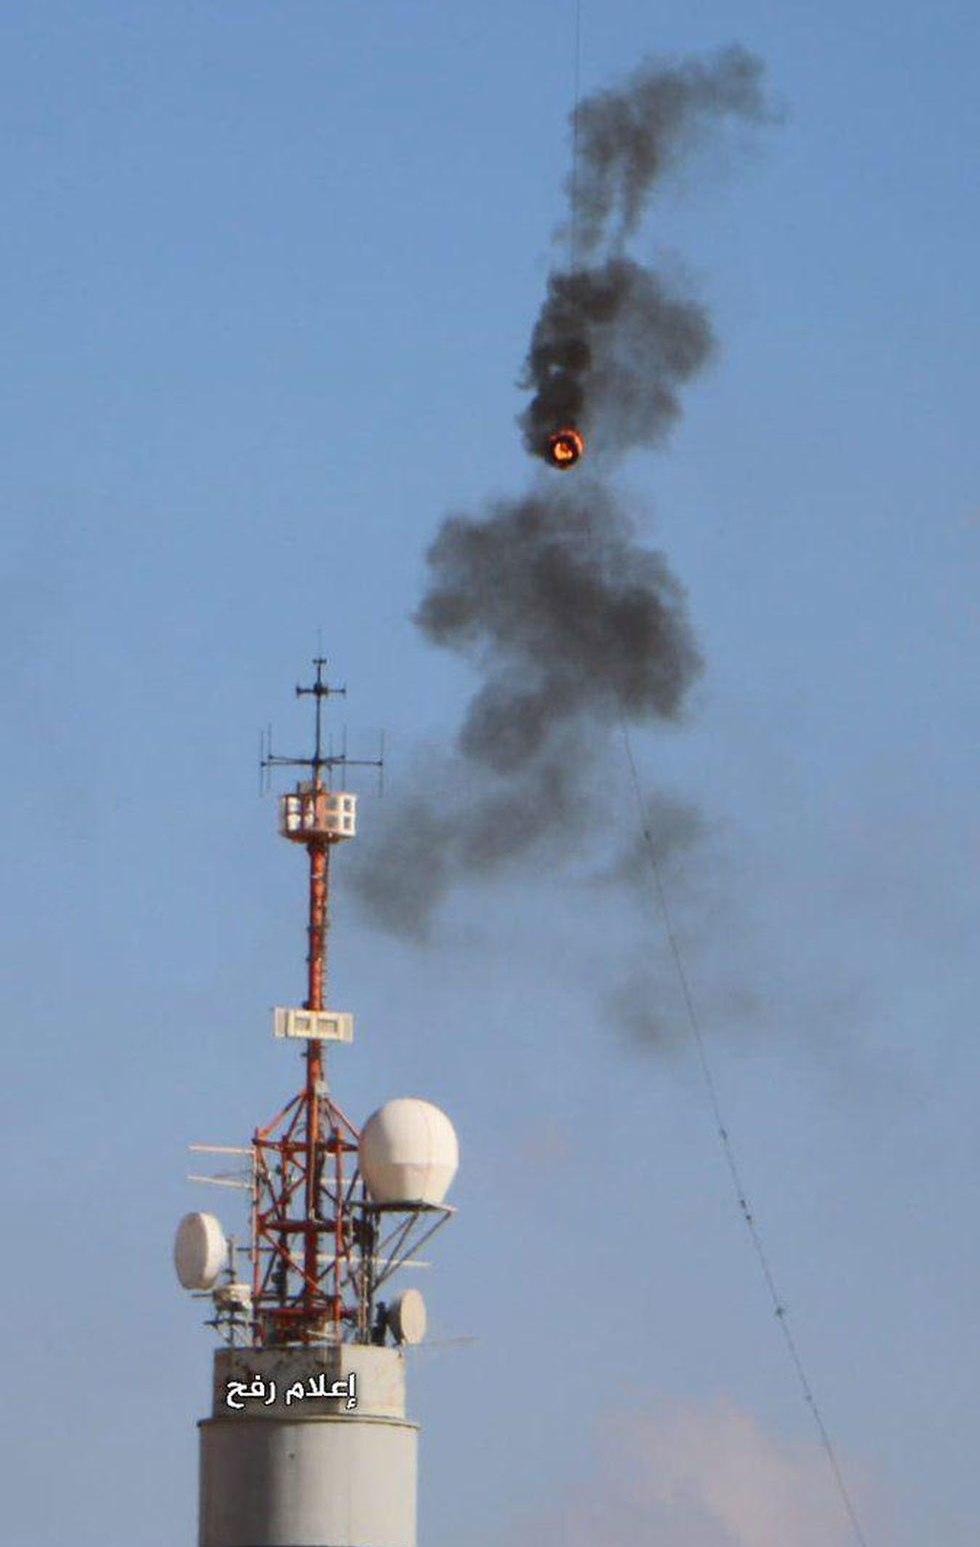 Un incendie se produit près d'une tour de communication au milieu d'un cerf-volant incendiaire